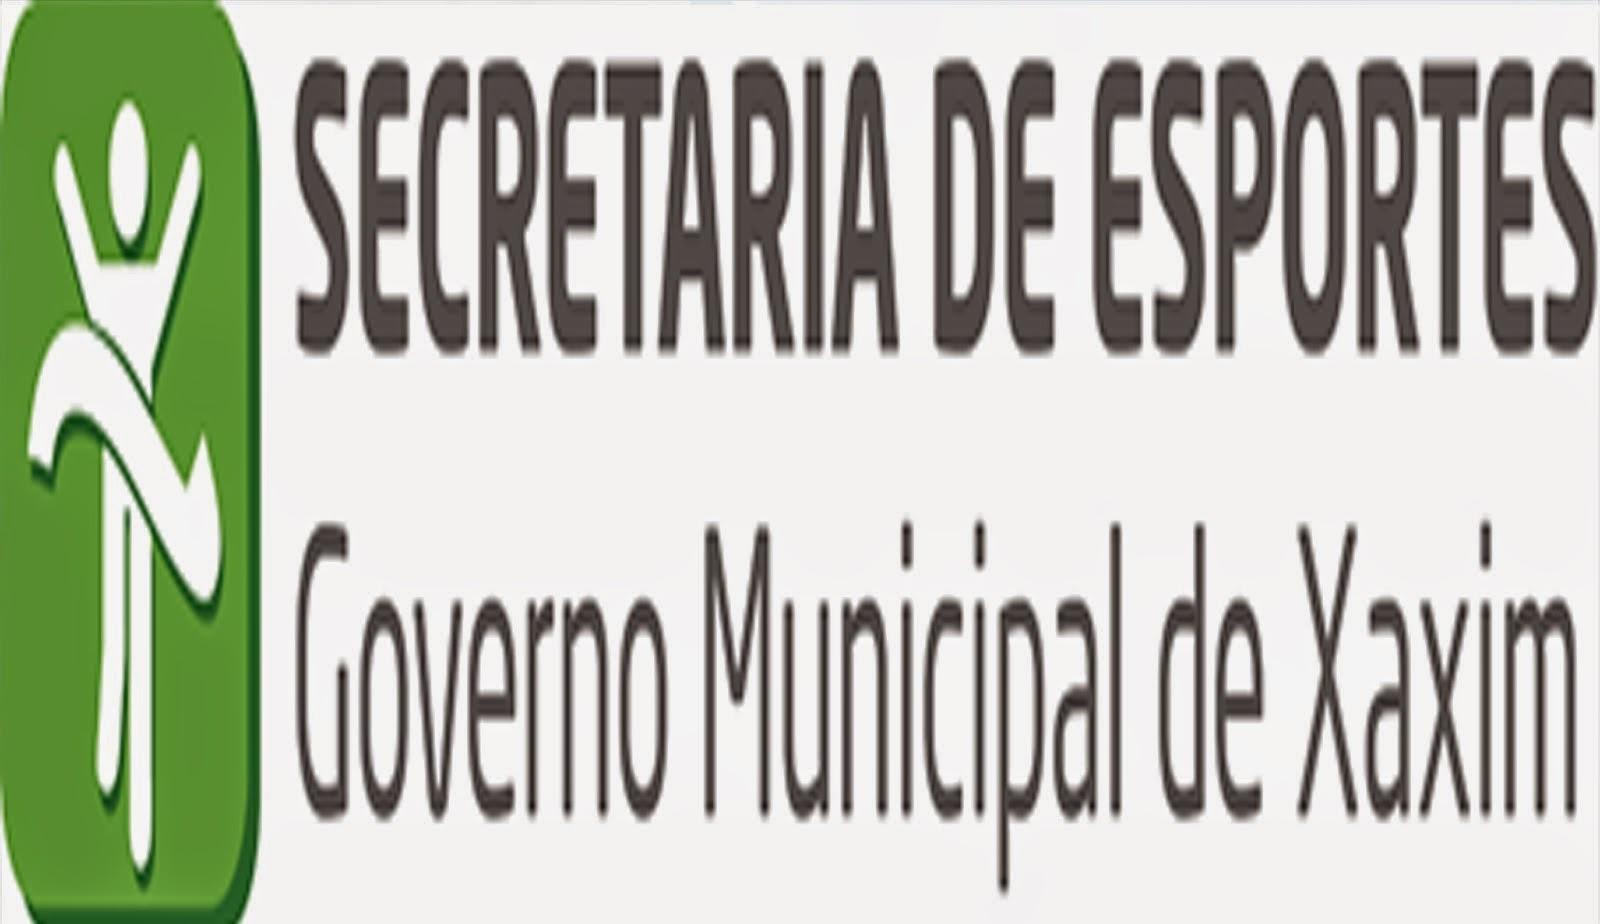 SEC. ESPORTES XAXIM